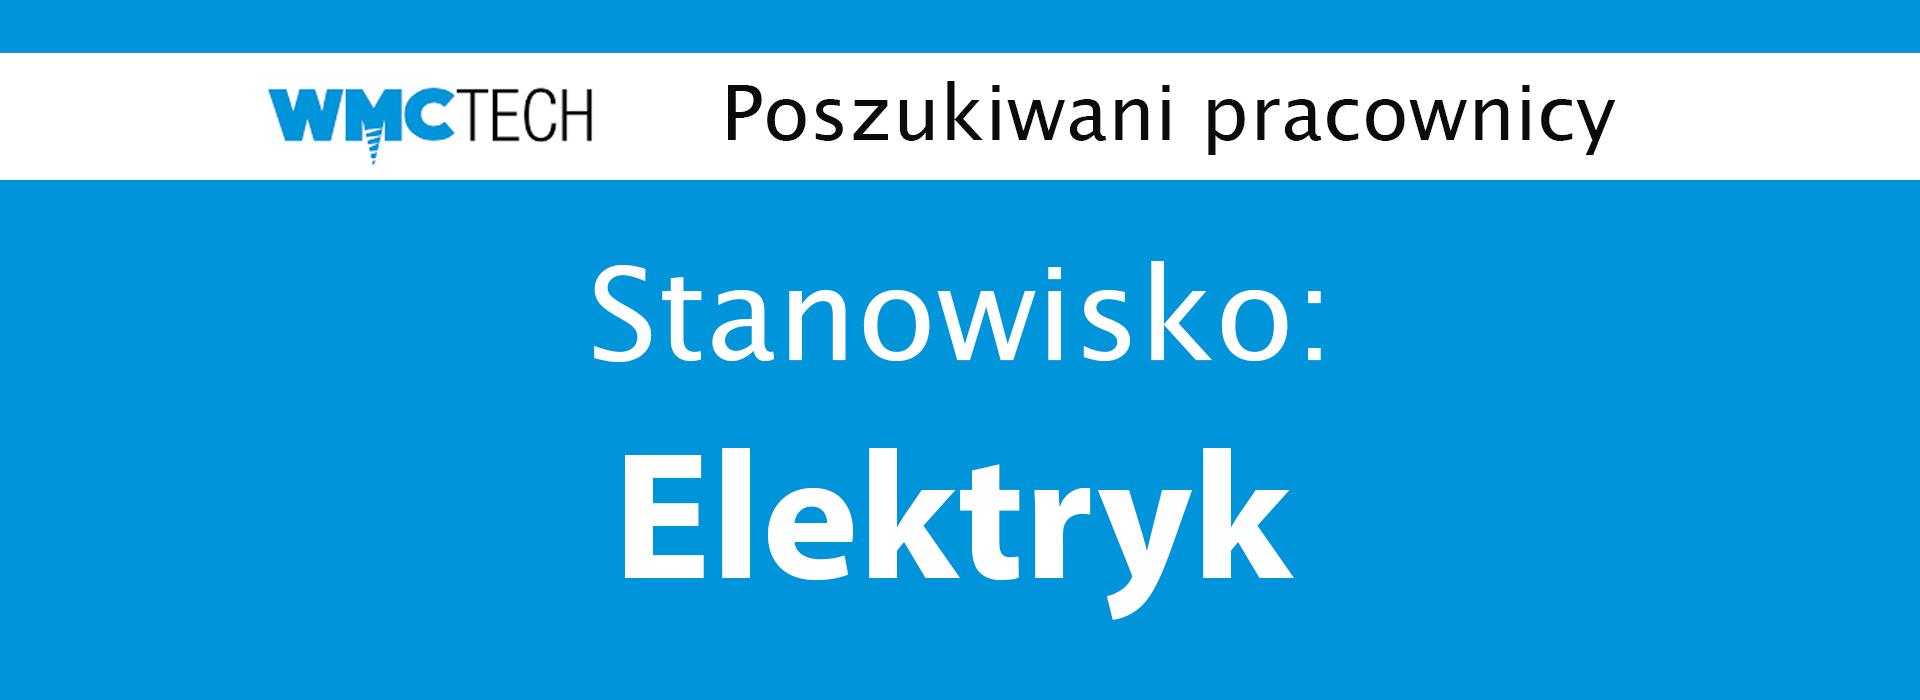 WMC TECH zatrudni na stanowisko: Elektryk